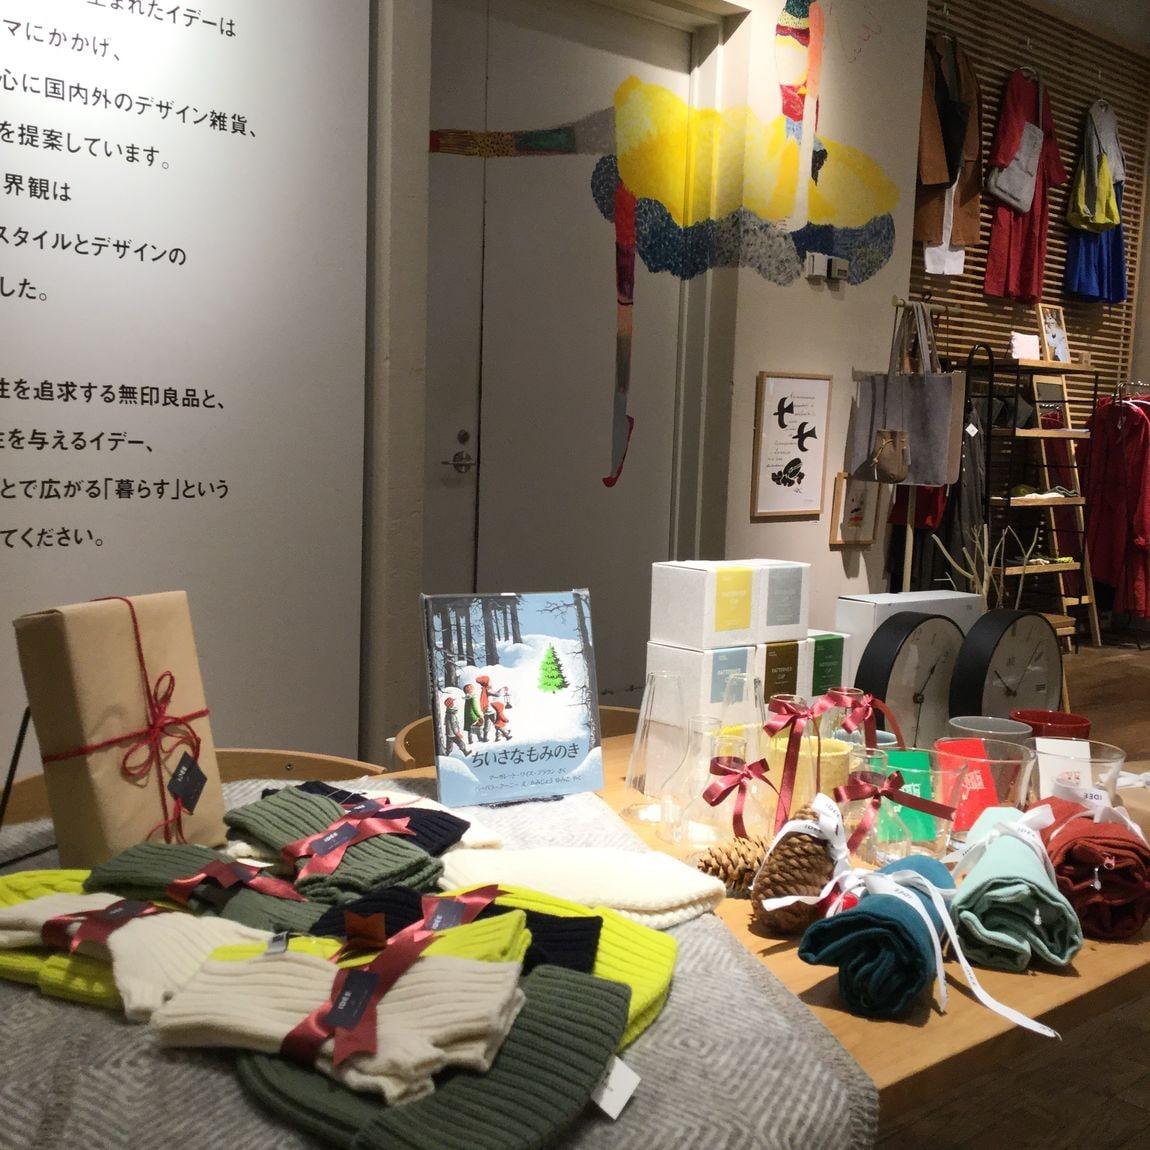 【MUJIキャナルシティ博多】板と脚でできた木製家具シリーズ